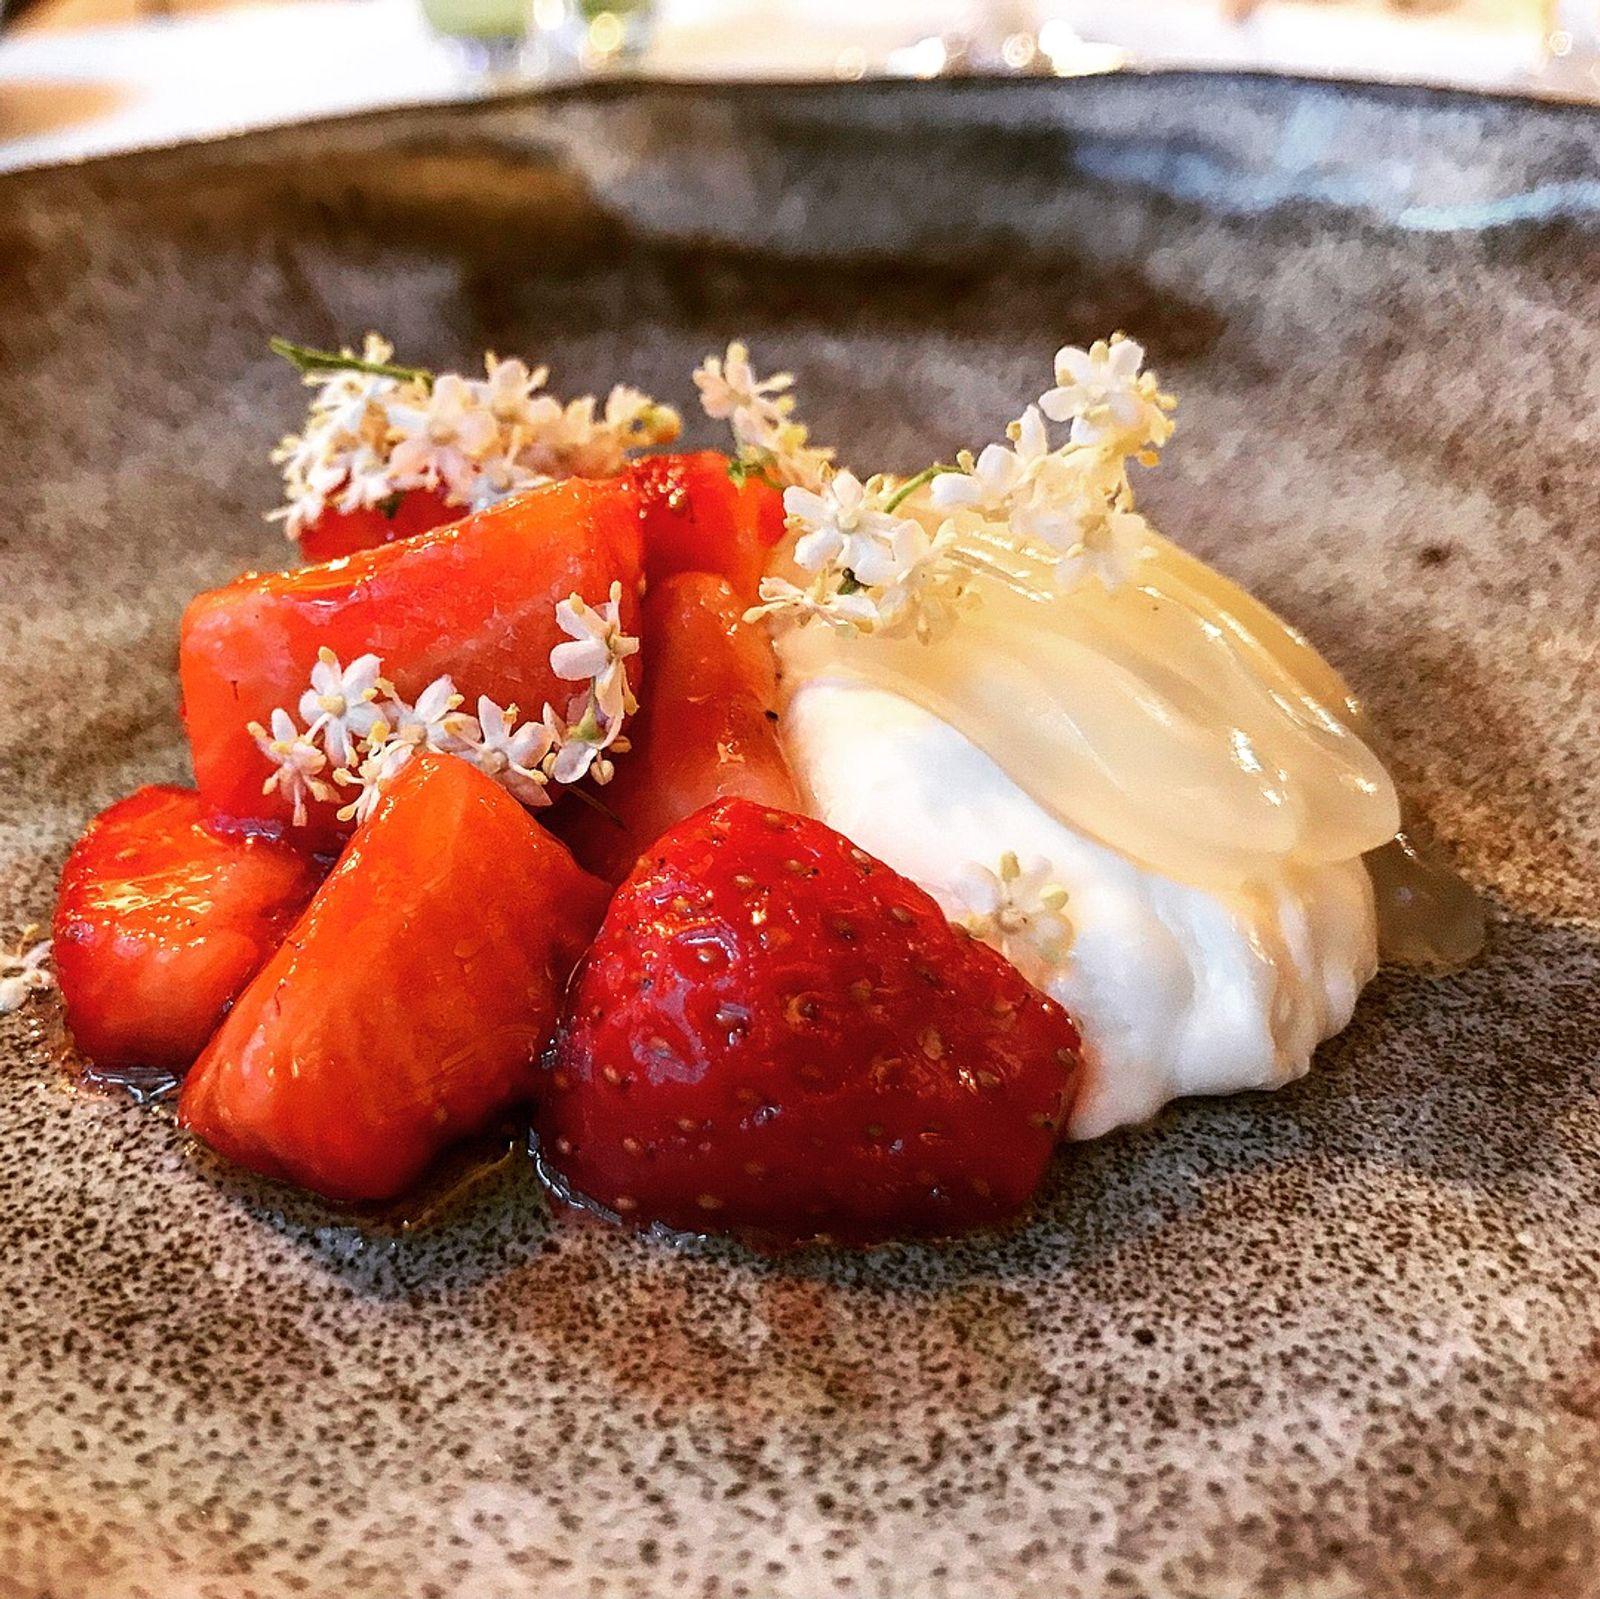 Strawberry and elderflower dessert at The Granary in Newtown